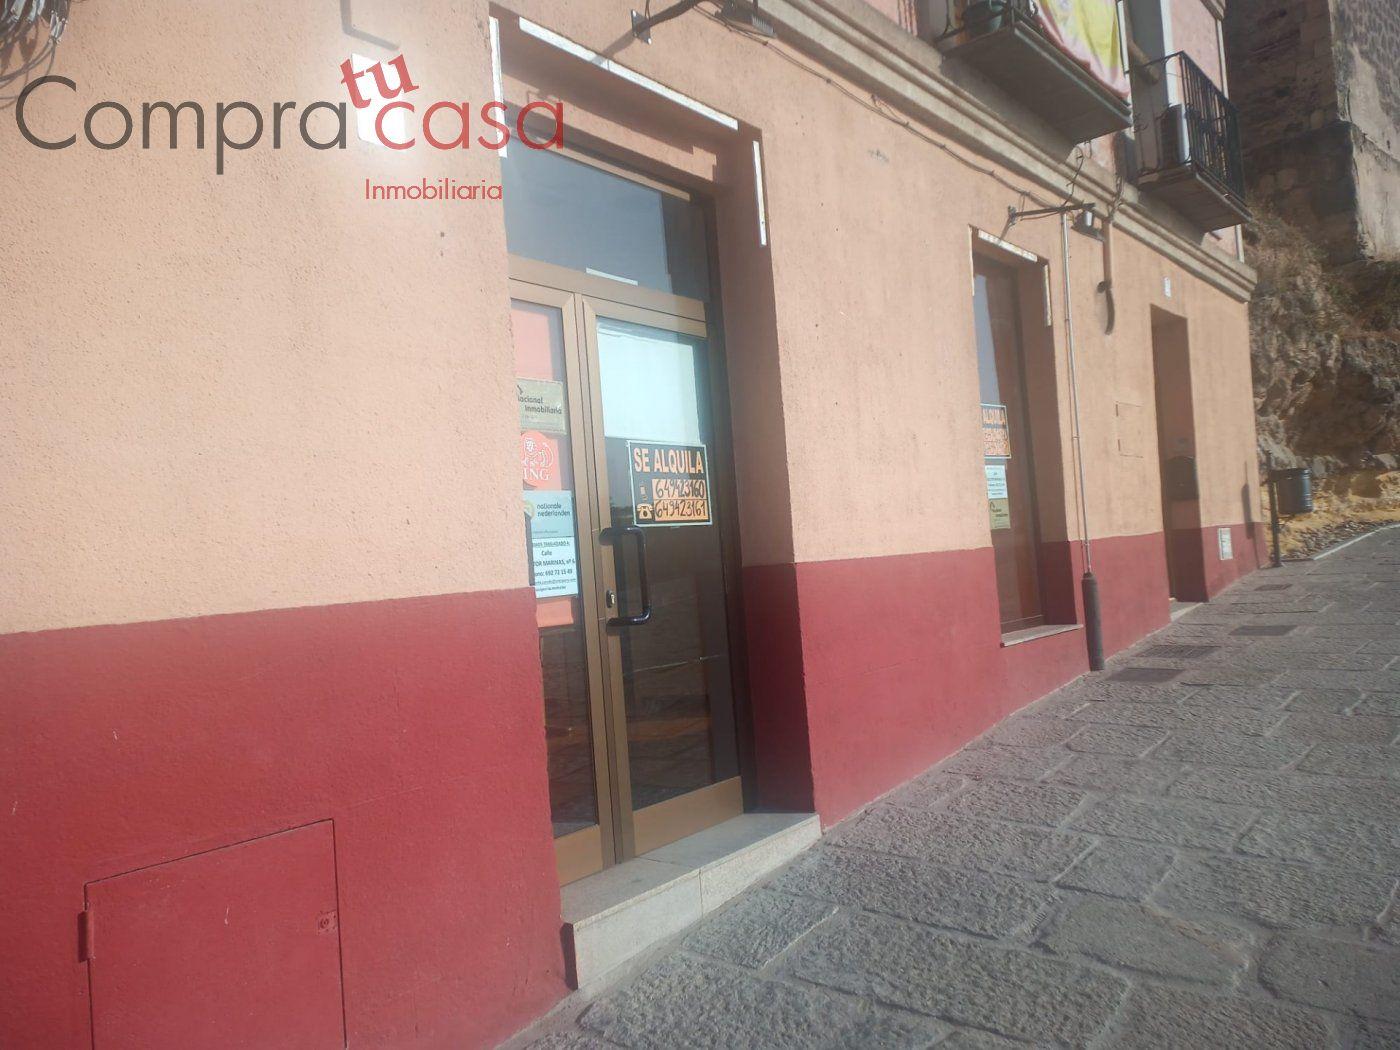 Local en alquiler en Casco antiguo, Segovia